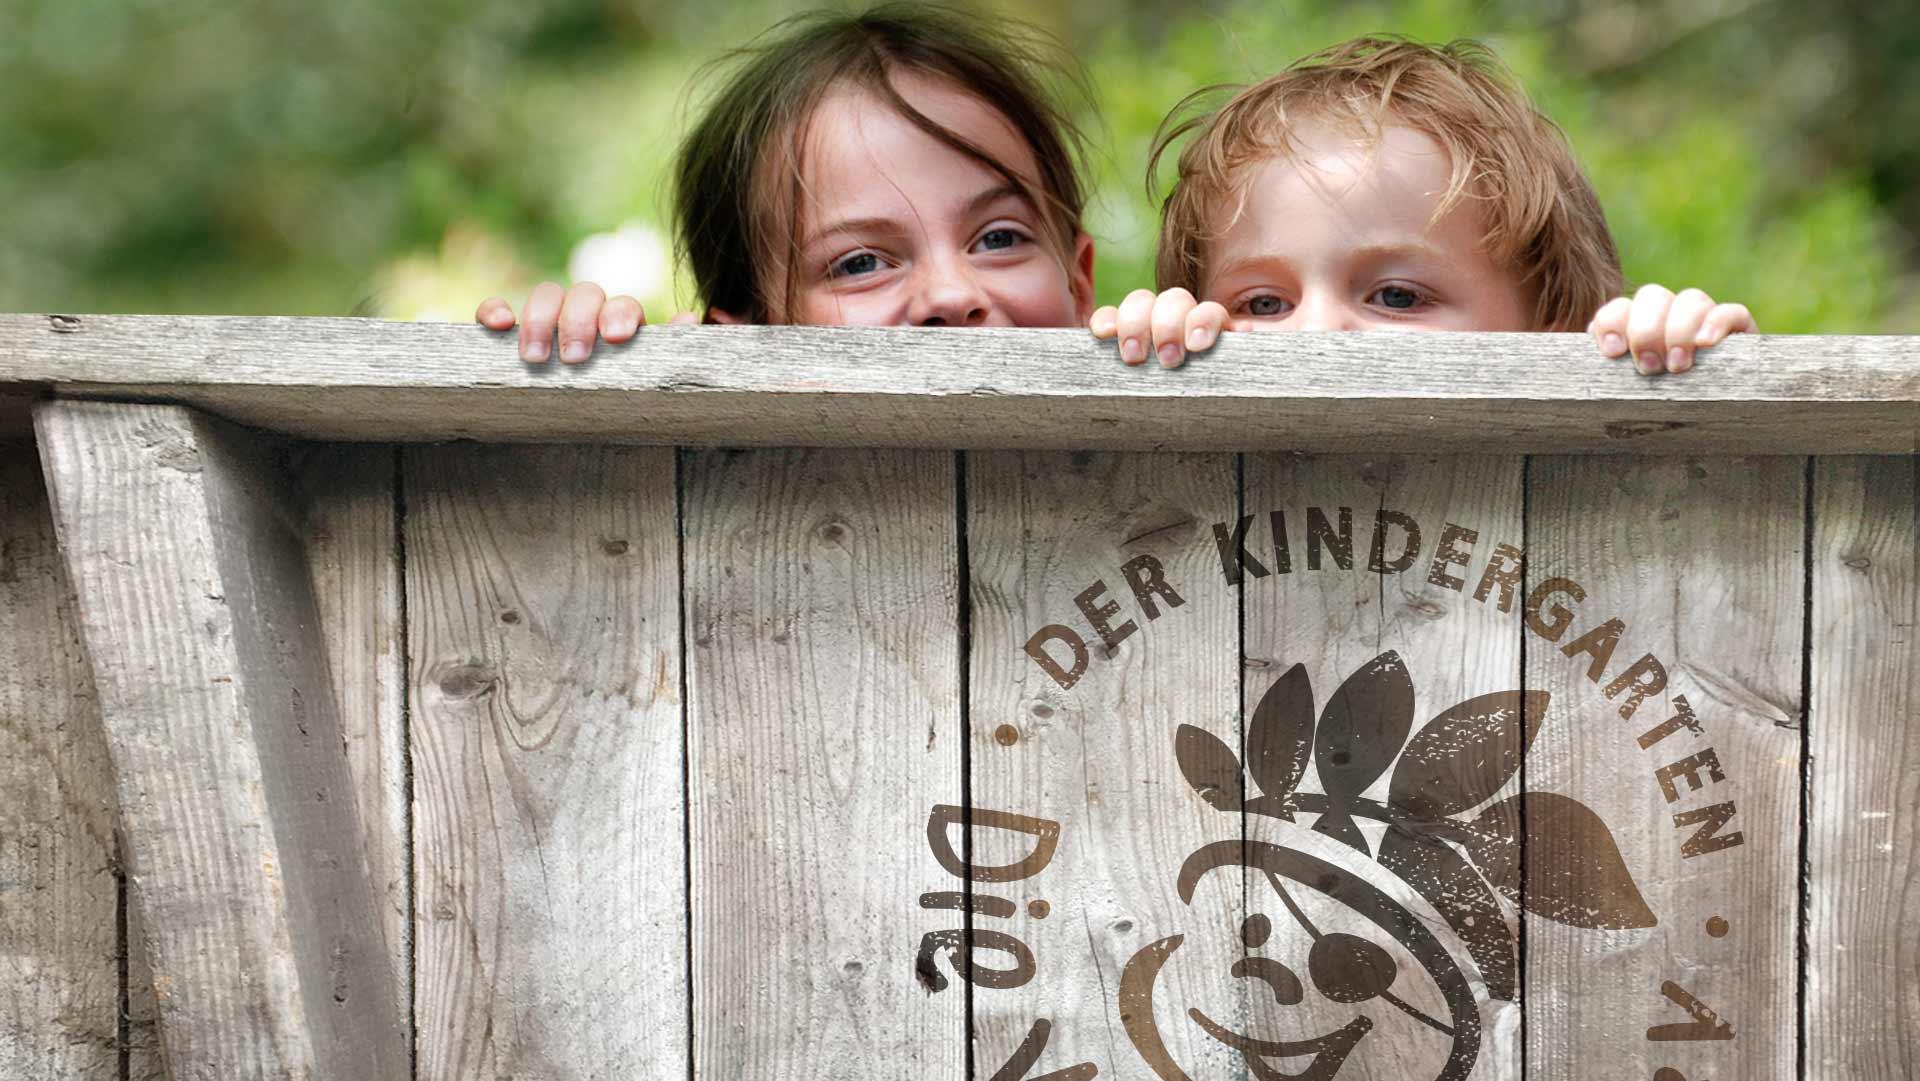 Zwei Kinder, die über eine Holzwand lugen, auf der Holzwand ein großes eingebranntes Logo